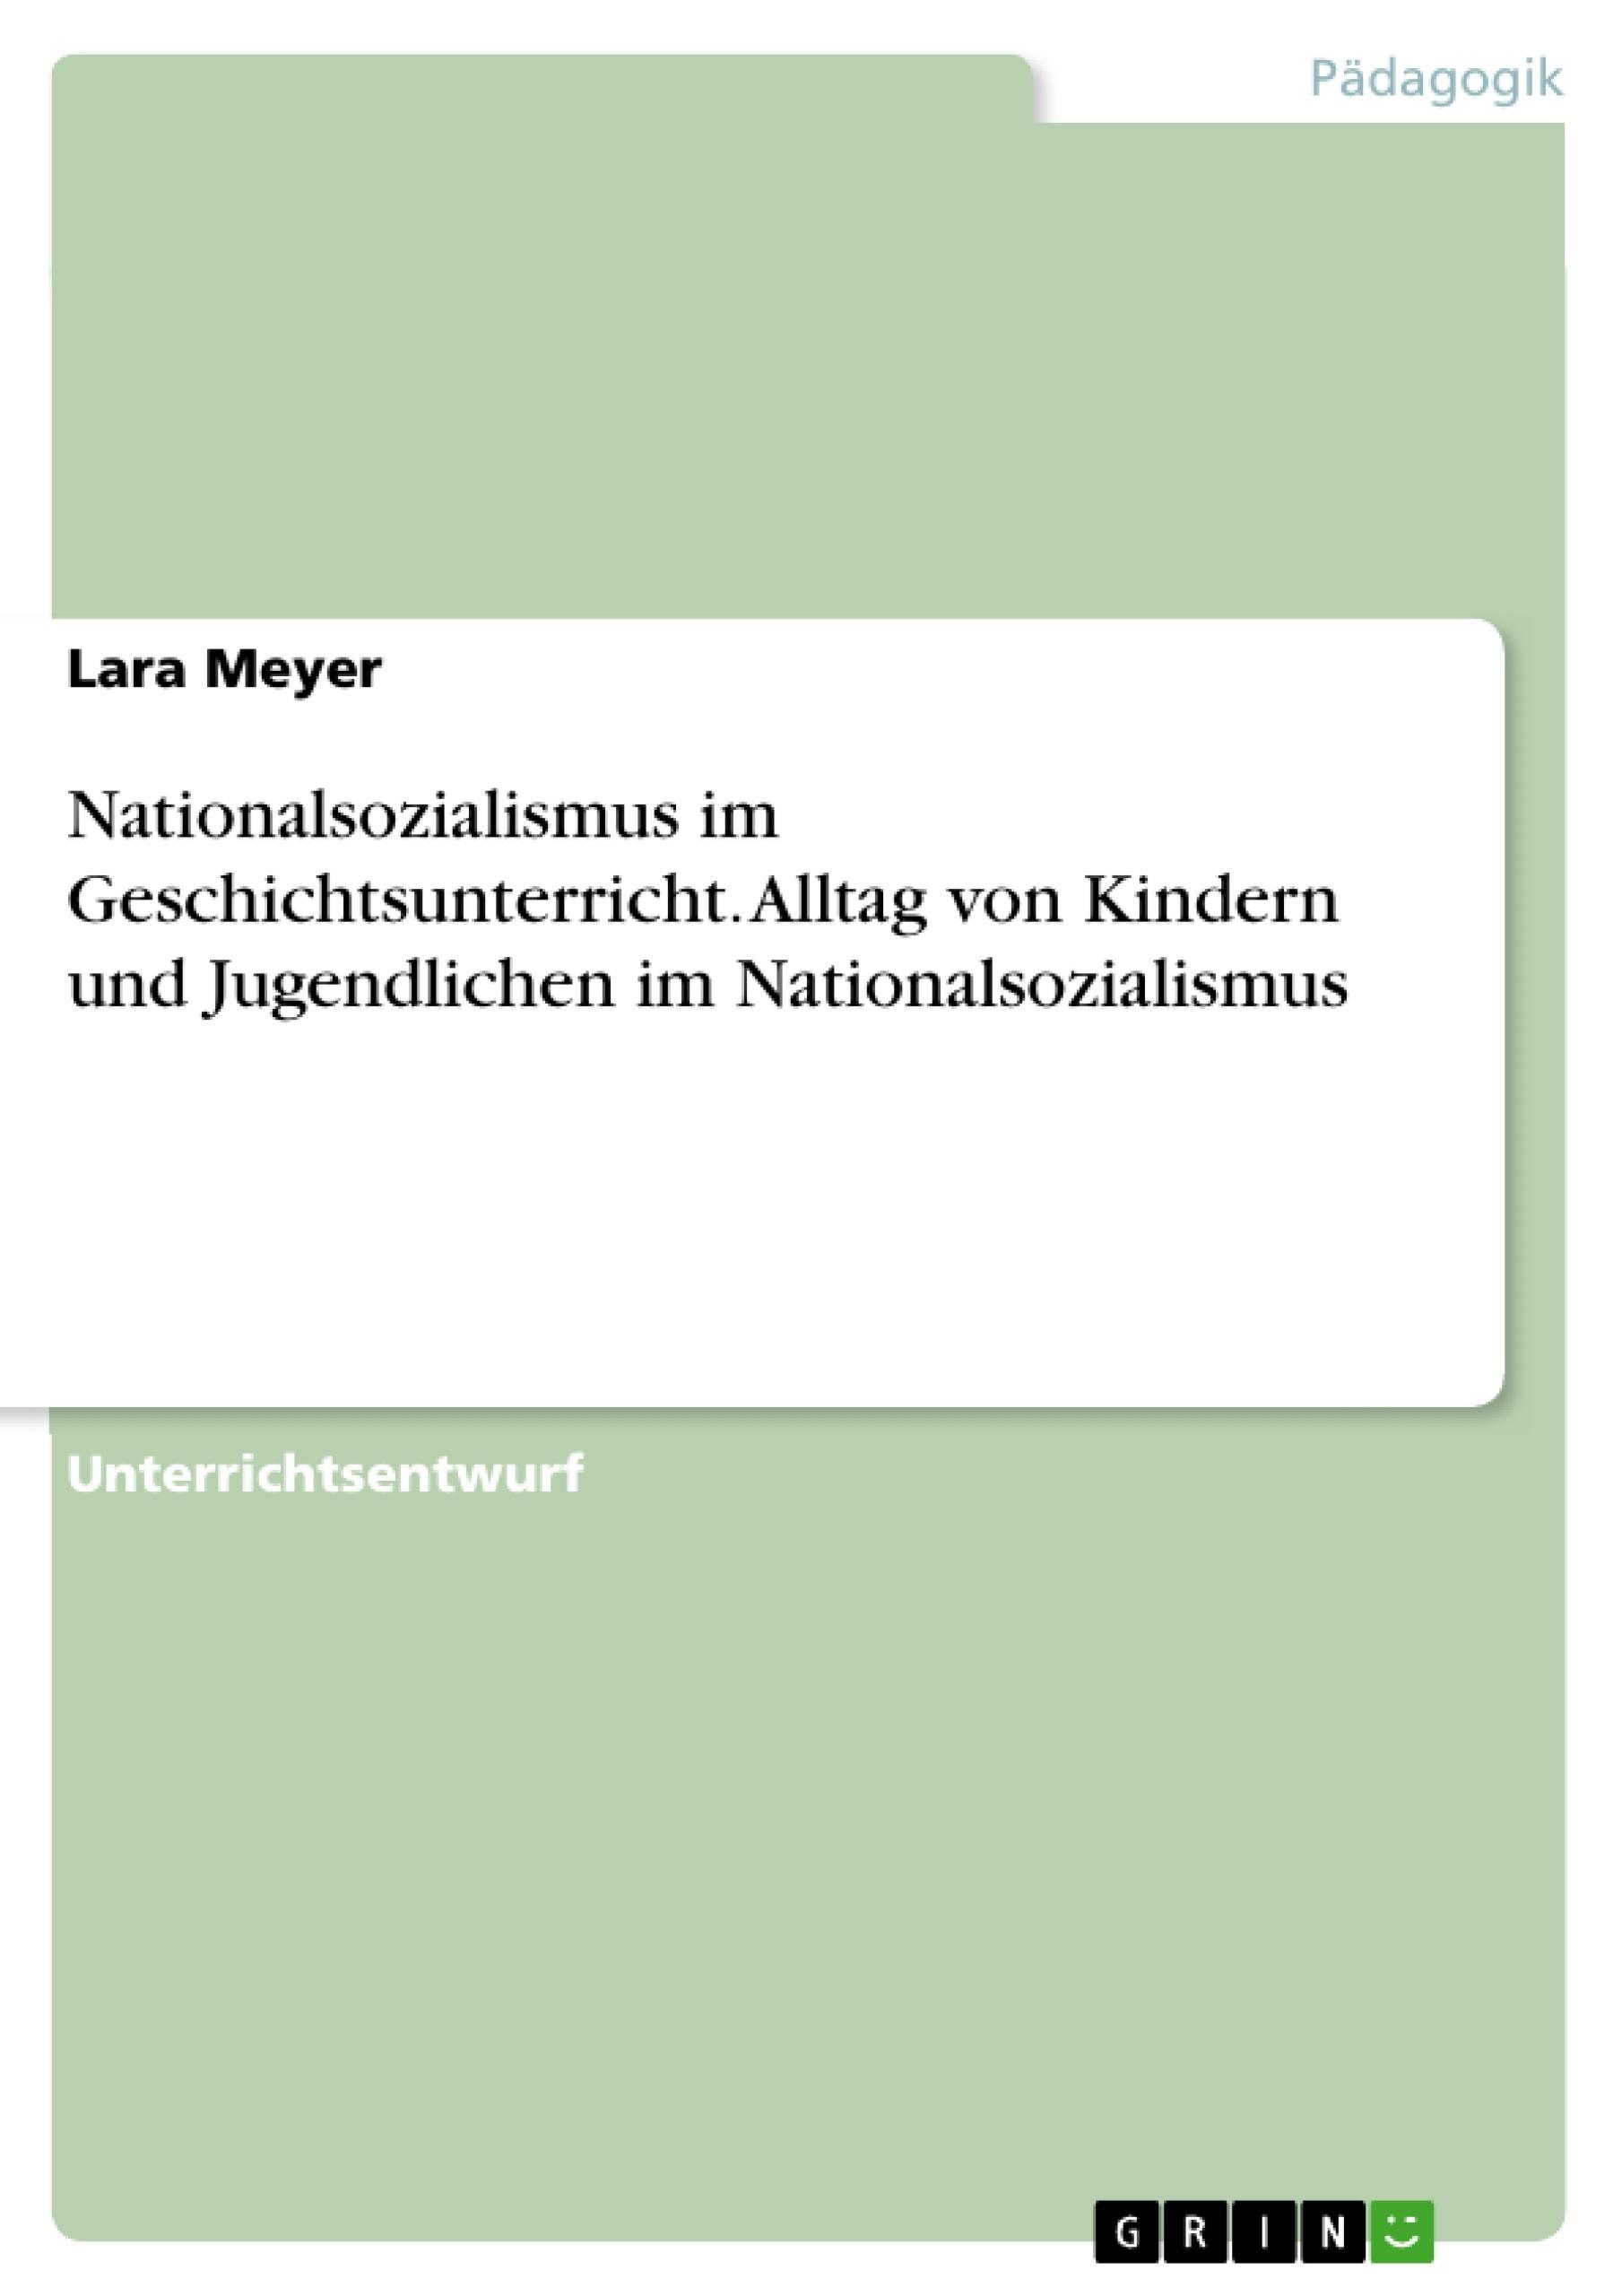 Titel: Nationalsozialismus im Geschichtsunterricht. Alltag von Kindern und Jugendlichen im Nationalsozialismus